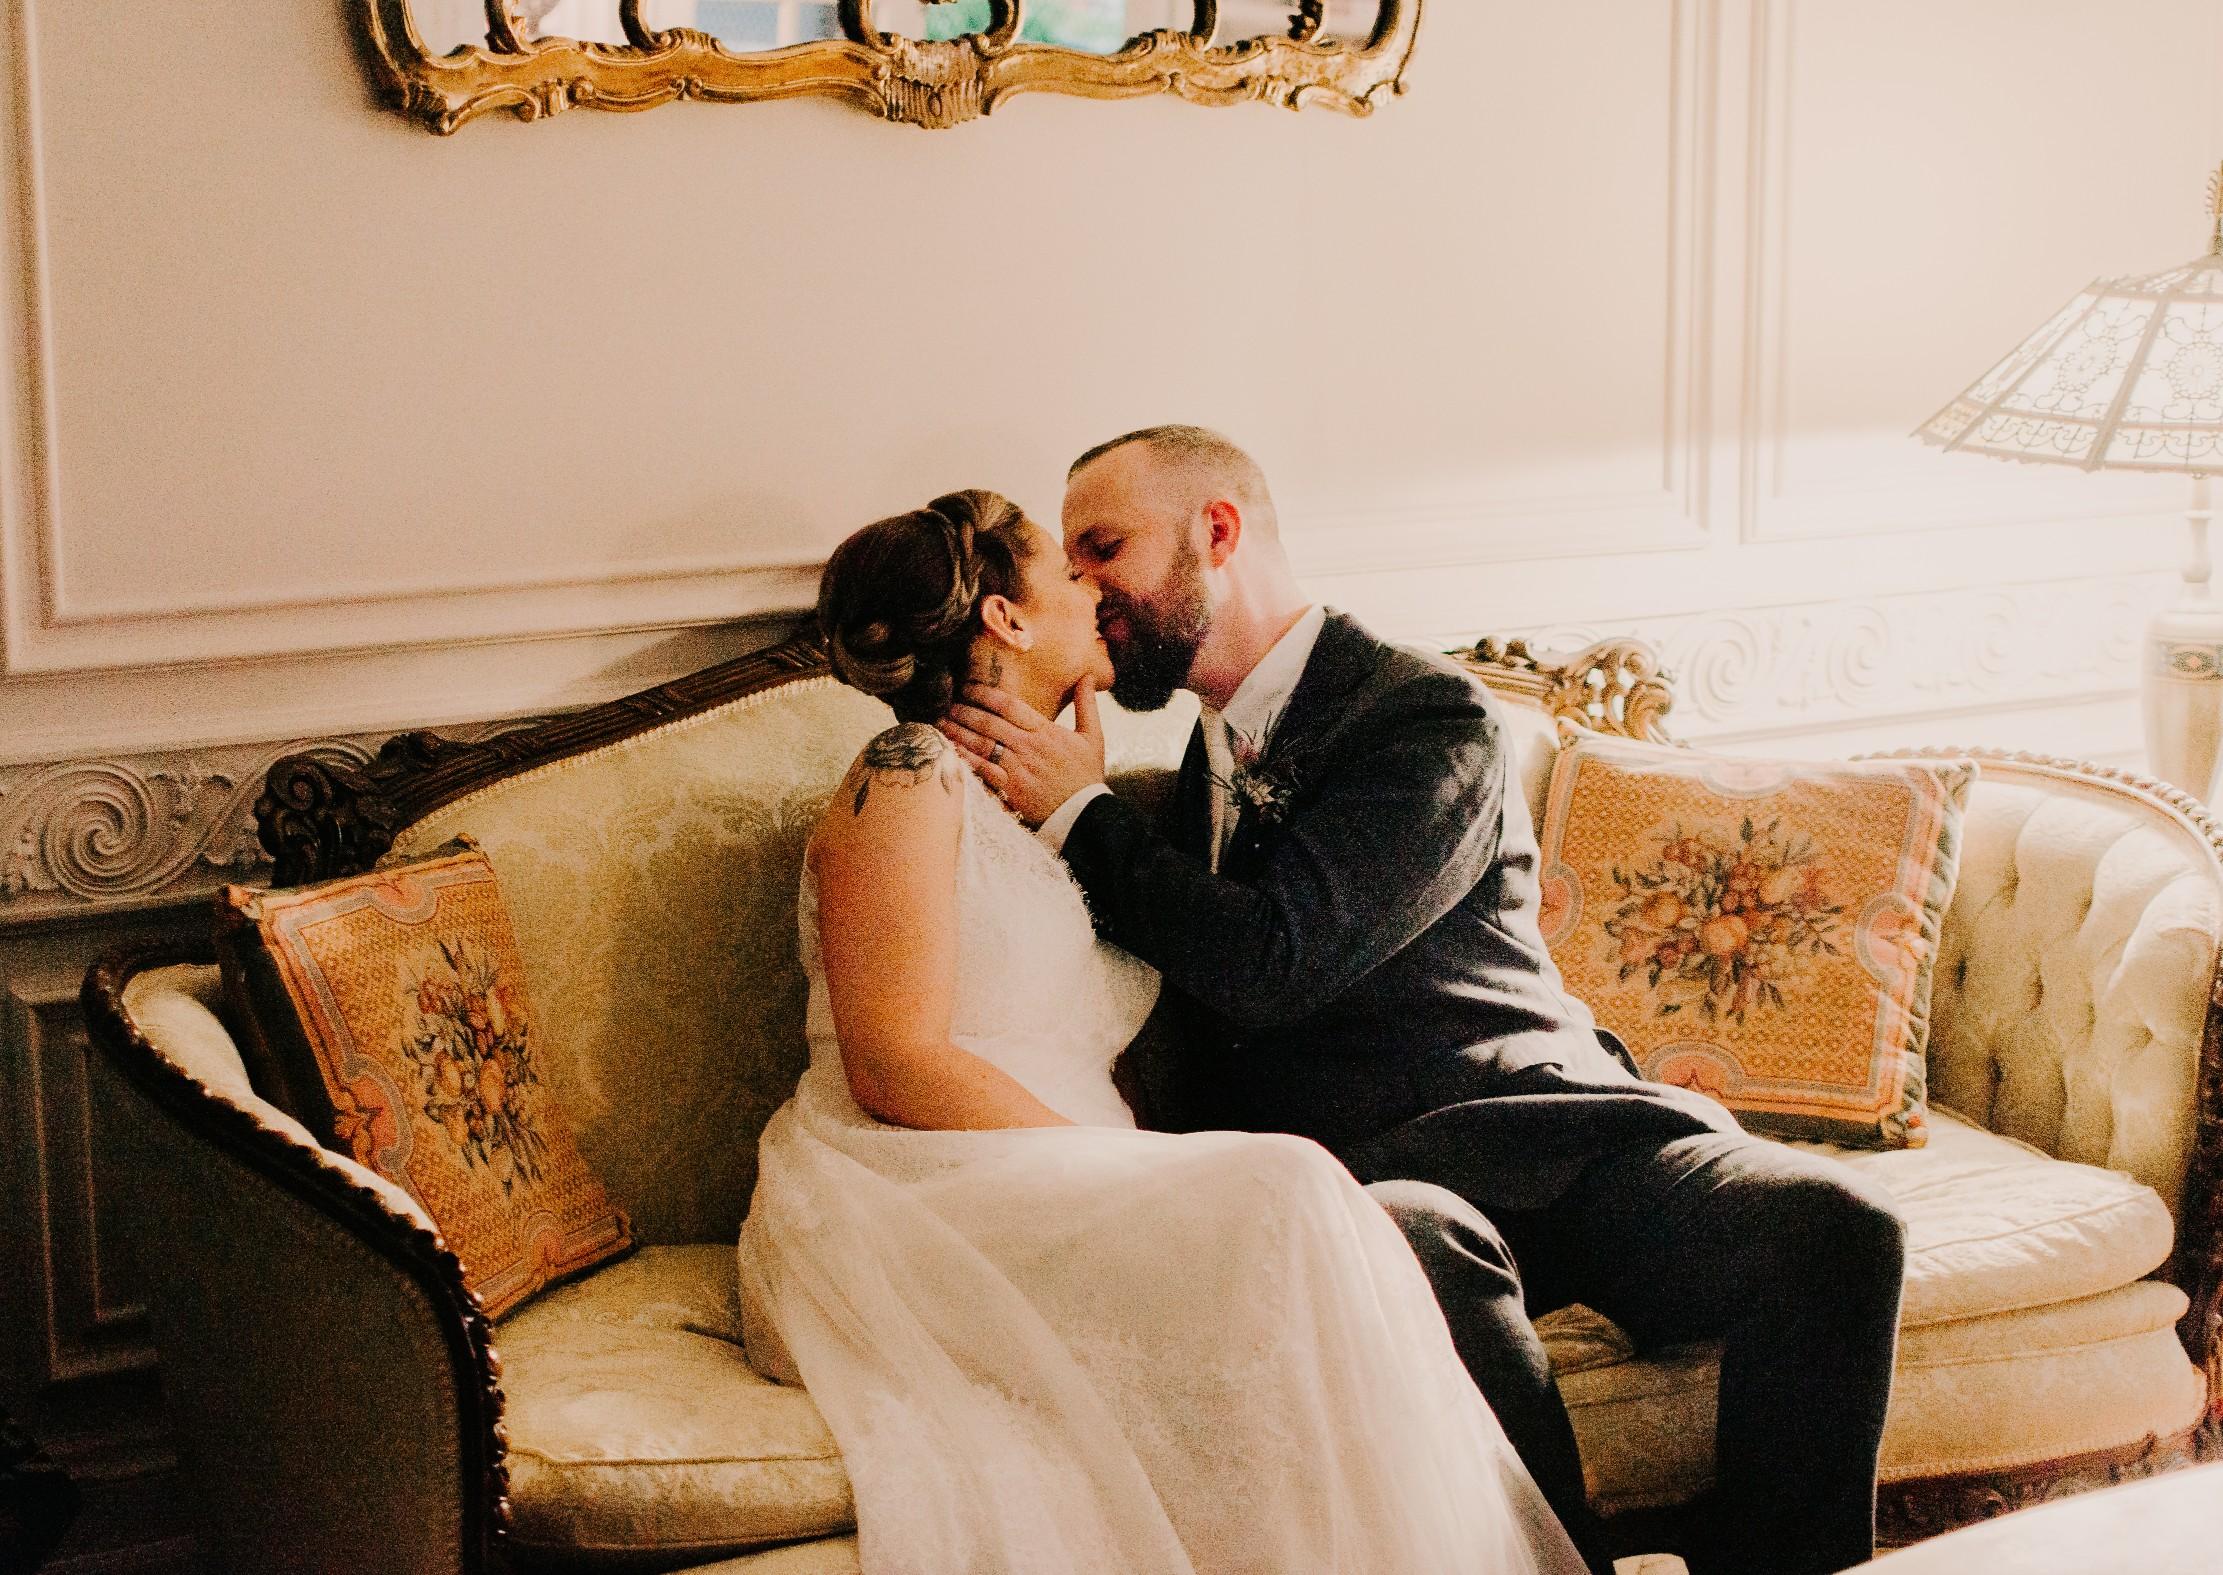 indoor-wedding-portrait-raines.jpg.